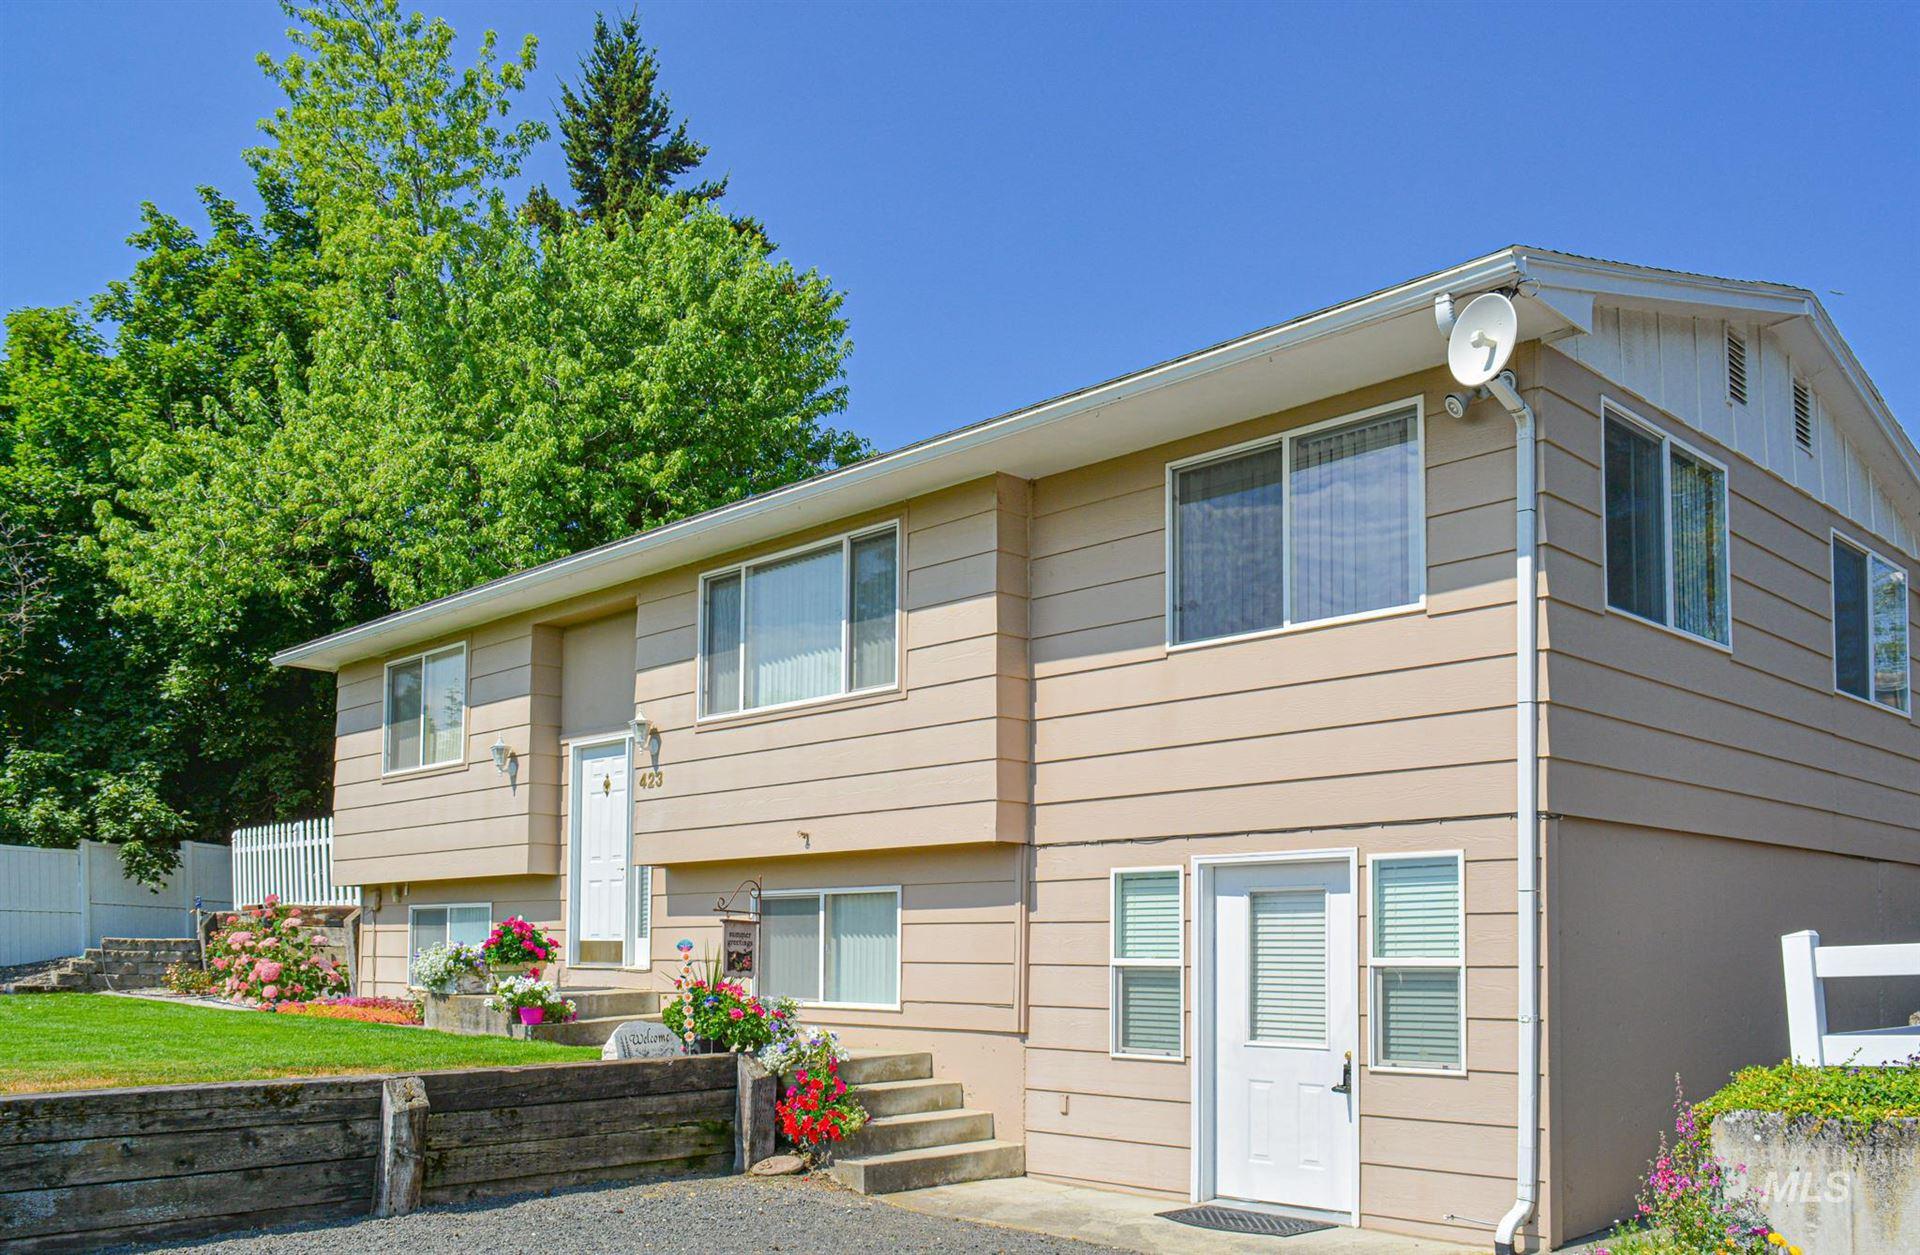 Photo of 423 N Spruce Street, Genesee, ID 83832 (MLS # 98774749)